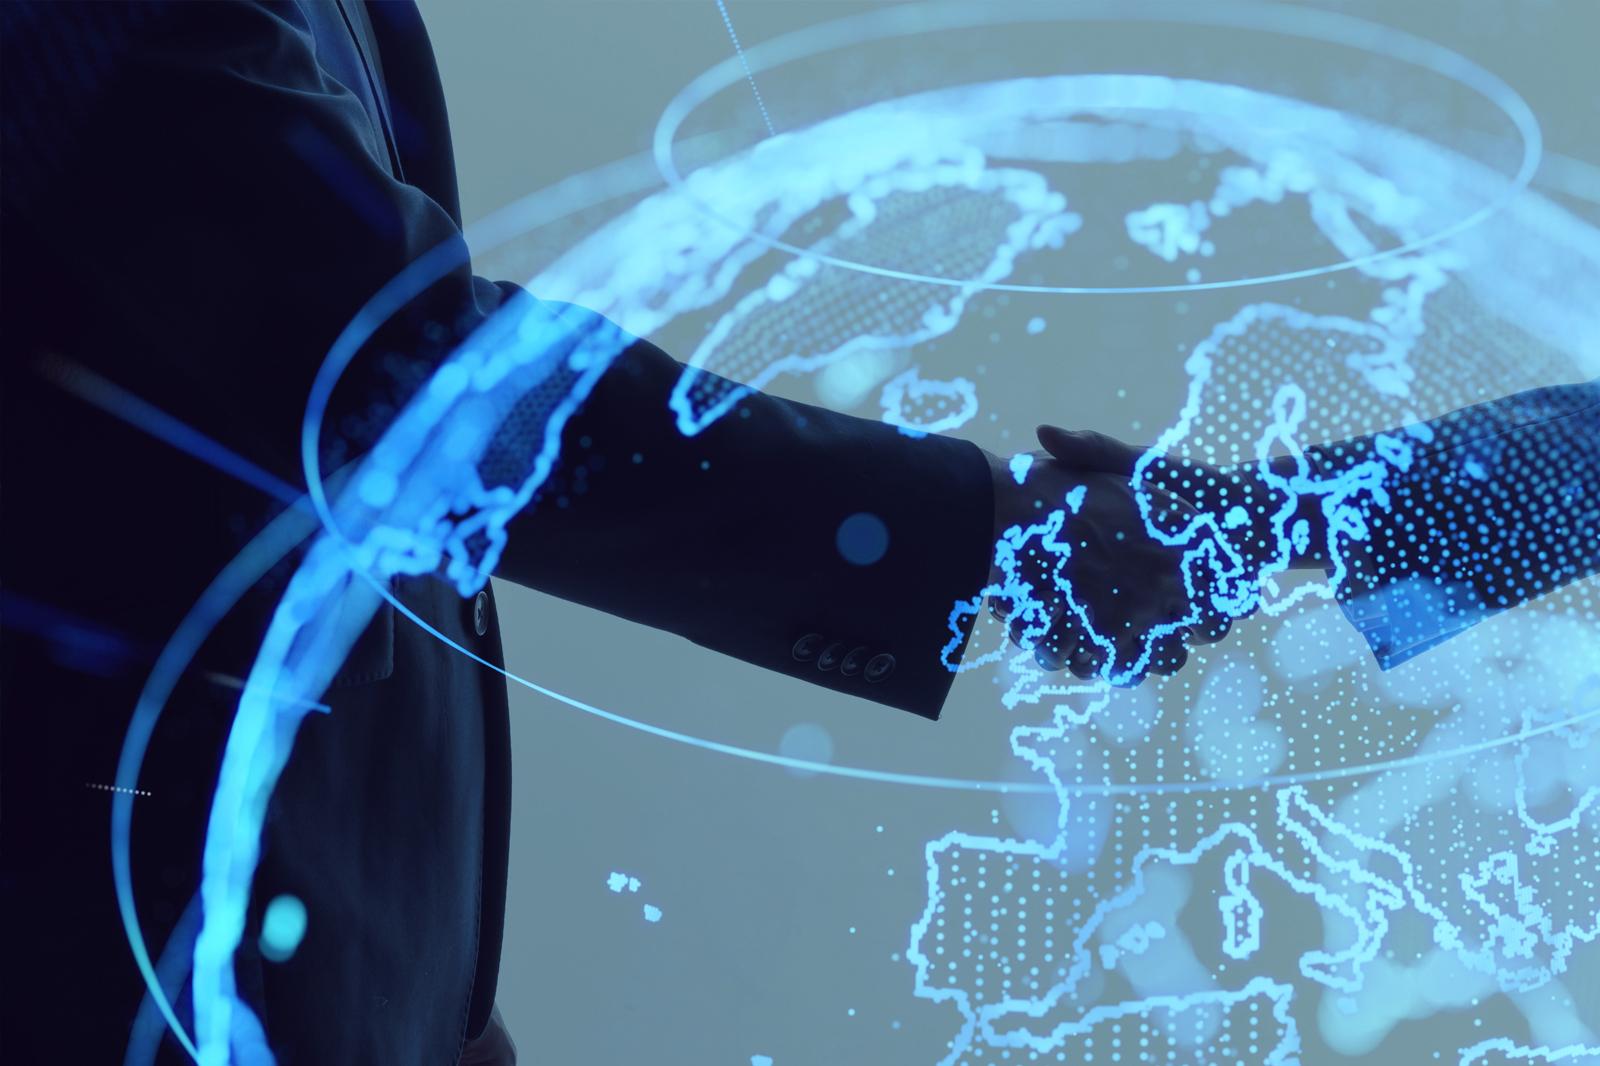 International Relations: Politics in Turbulent Times -FutureLearn